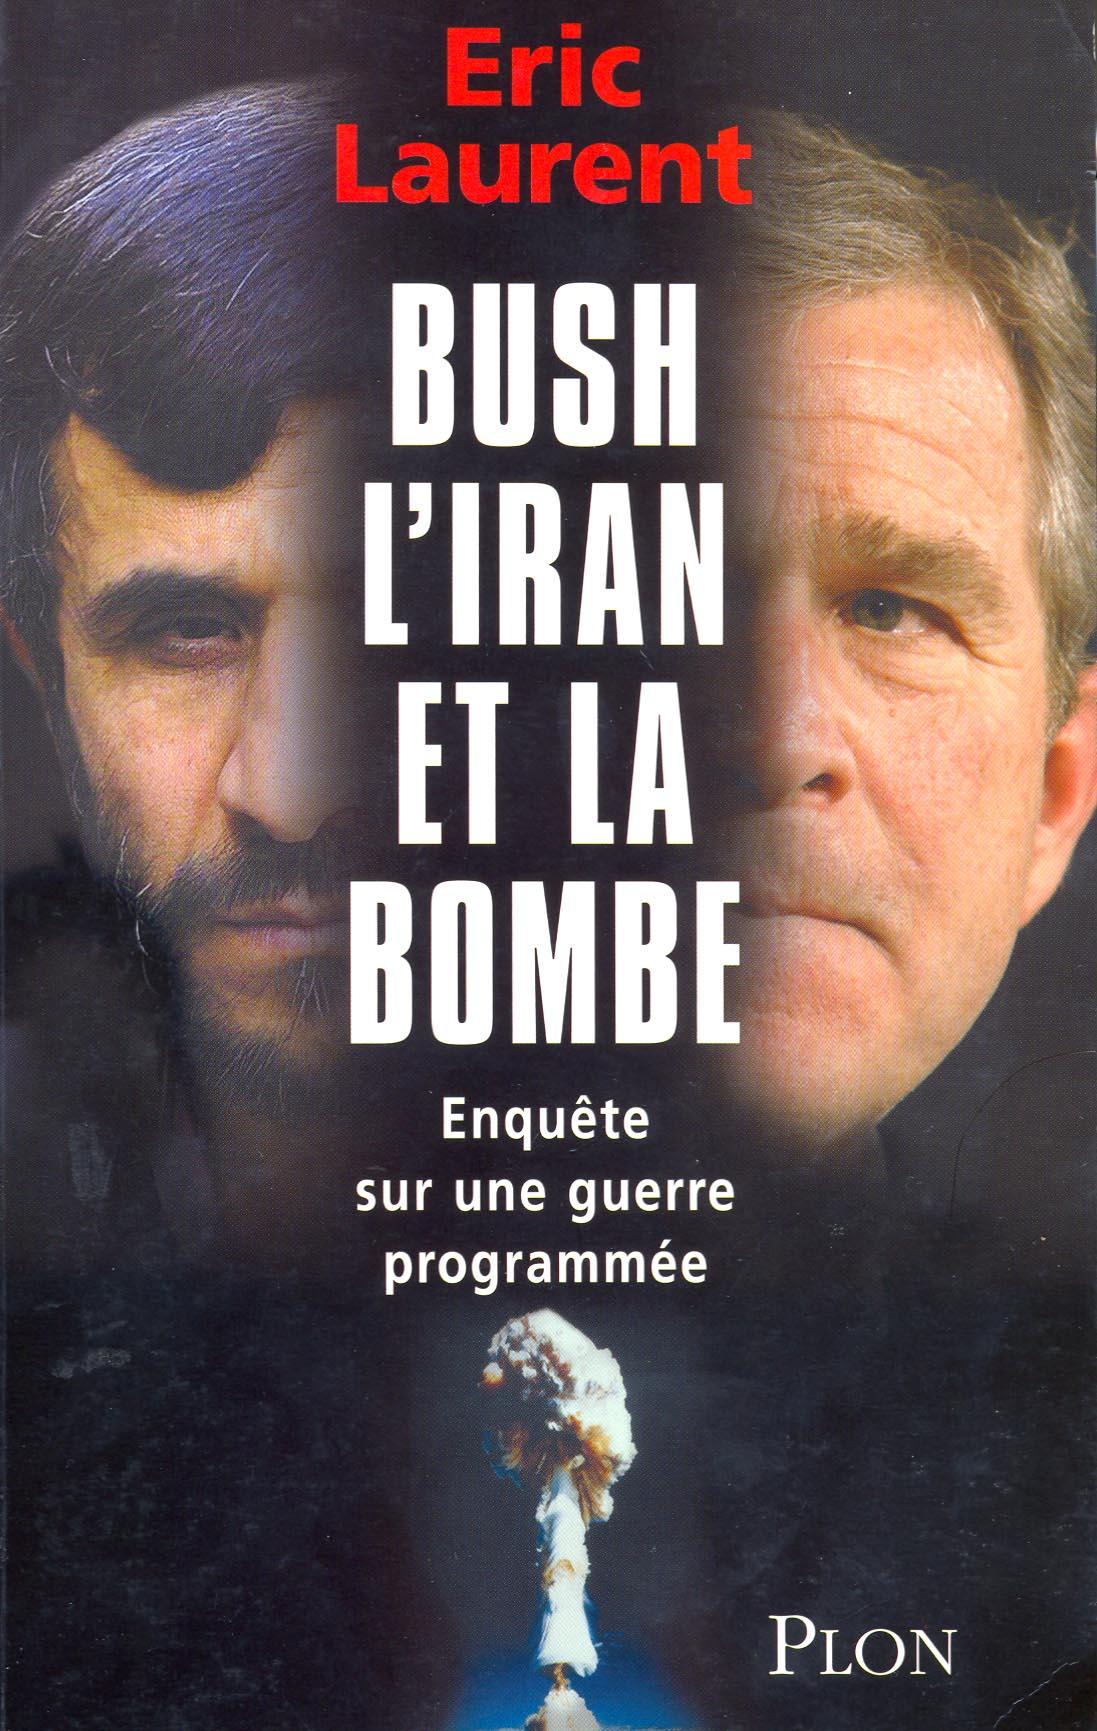 بوش، ایران و بمب